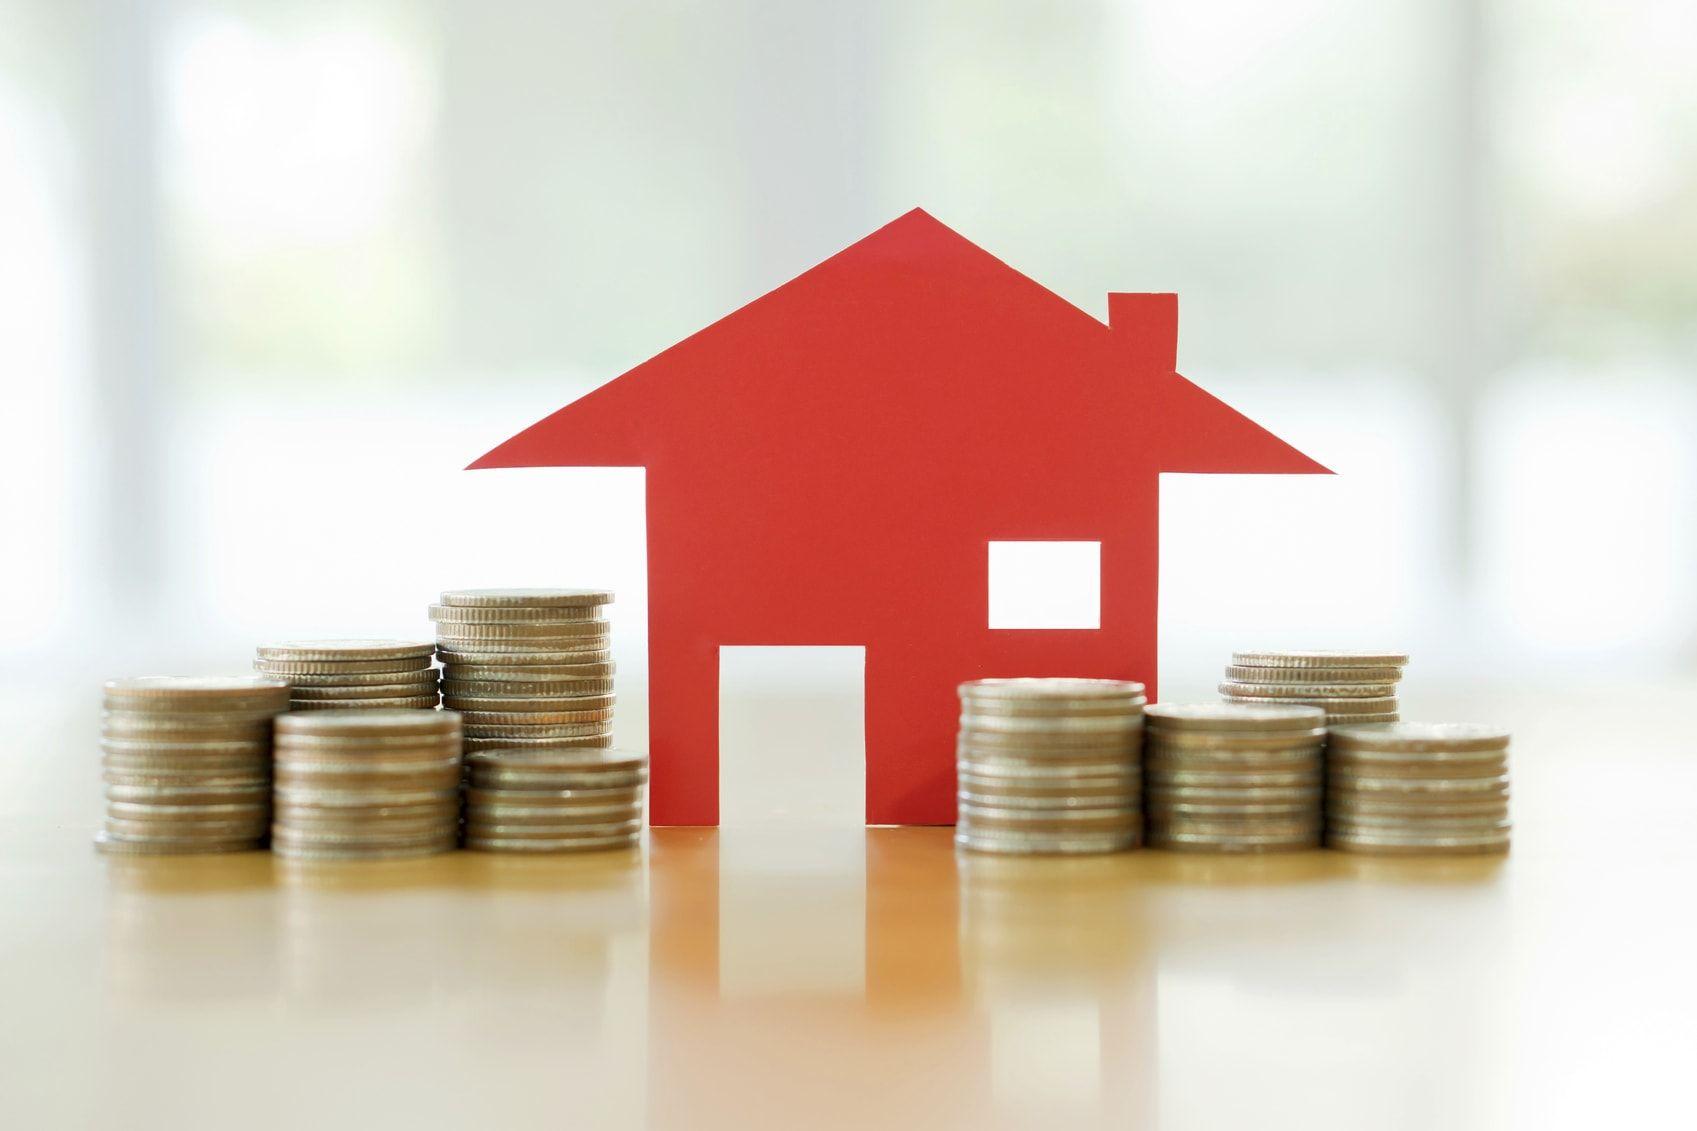 monedas y casa papel representando el gasto de las viviendas